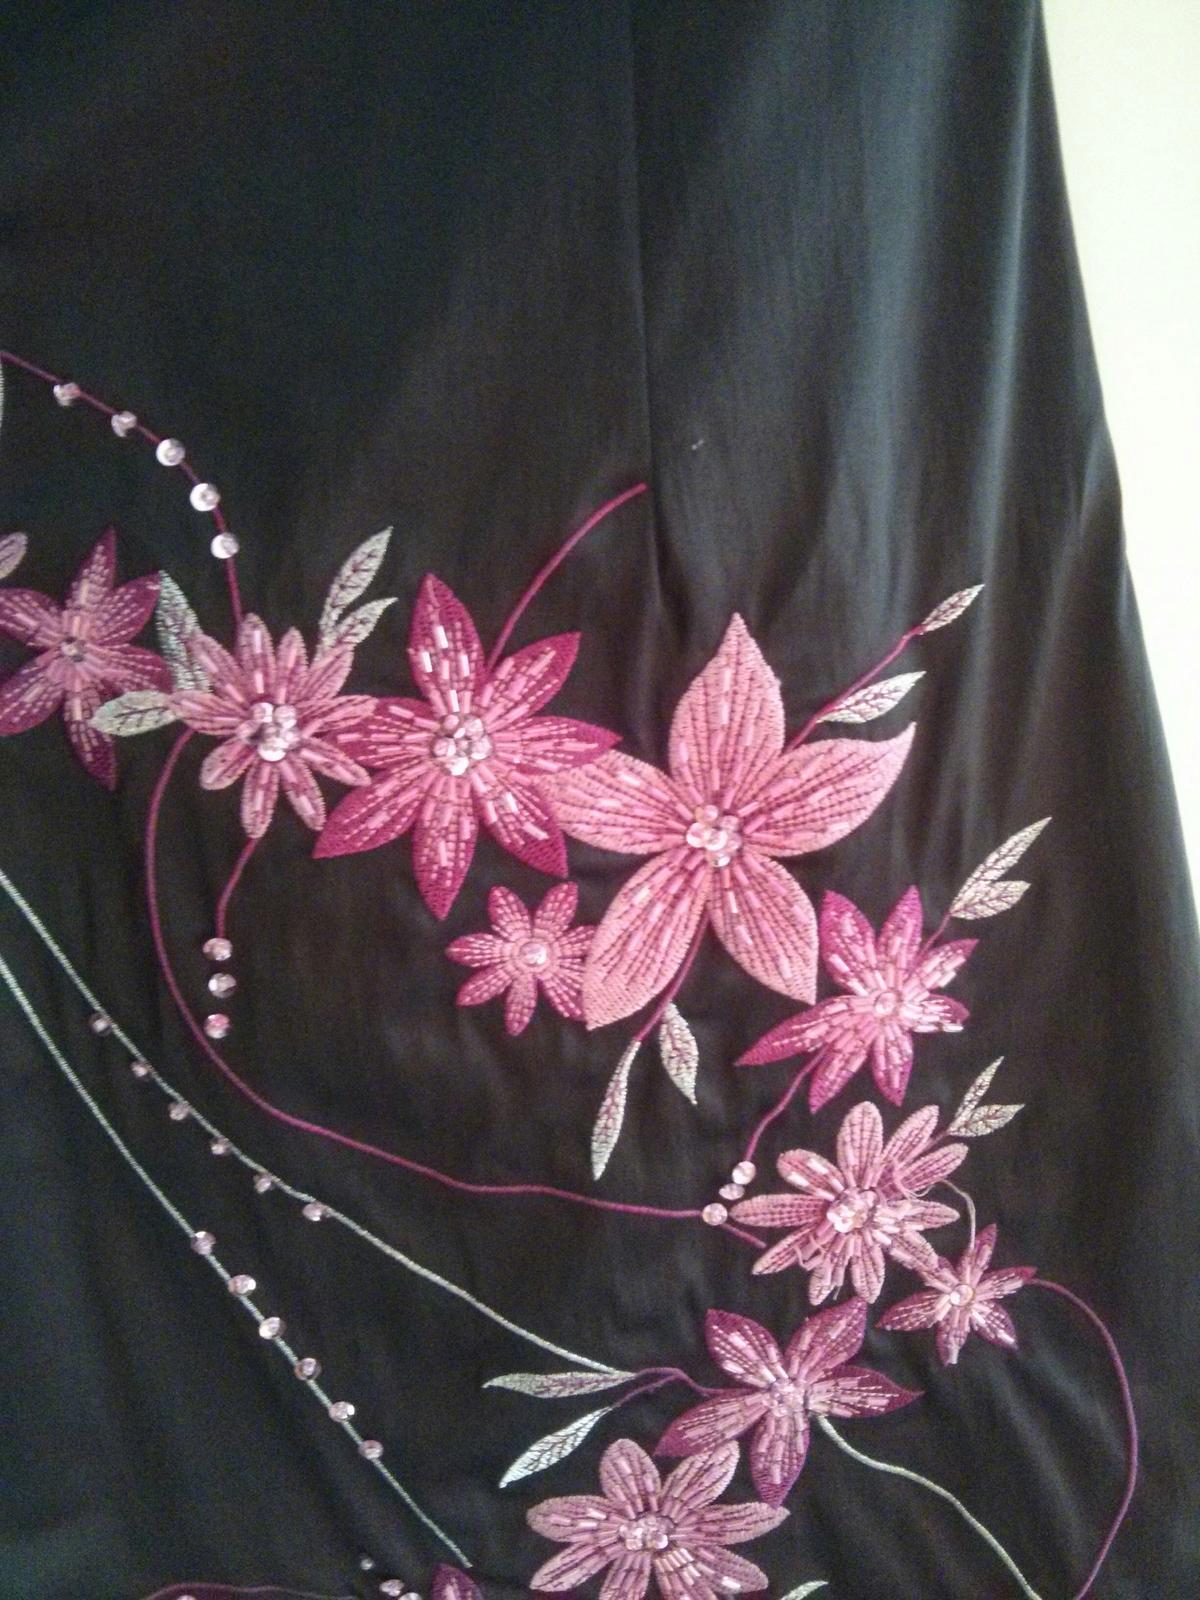 Čierne šaty s výraznými ružovými kvetmi - Obrázok č. 3